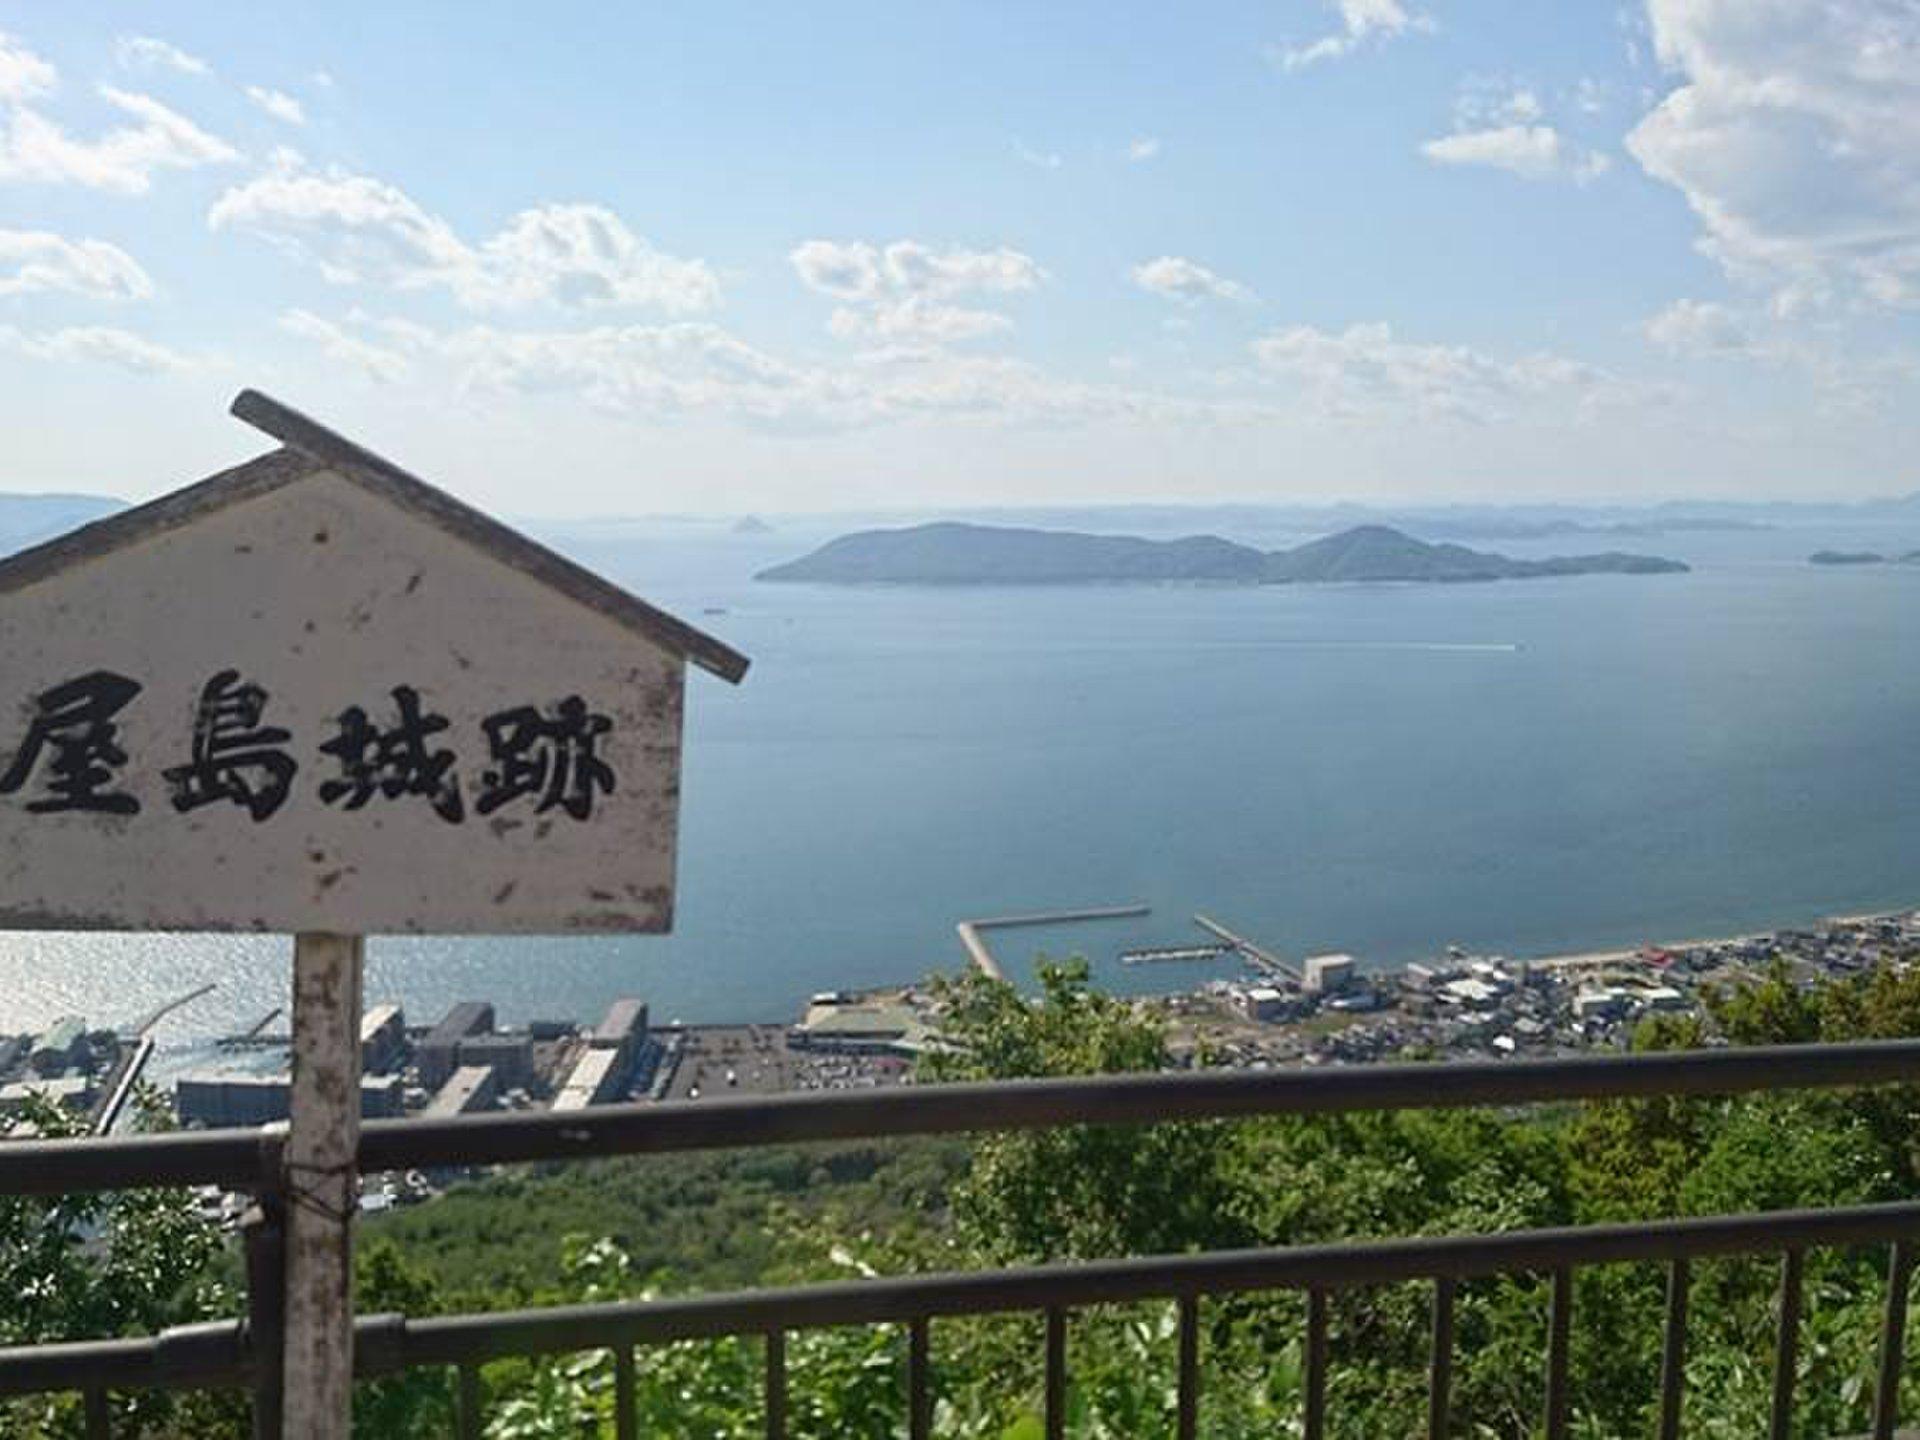 香川県はうどんだけじゃない!屋島編 平家と源氏が戦った源平合戦の古戦場を一望できるナイスビュー